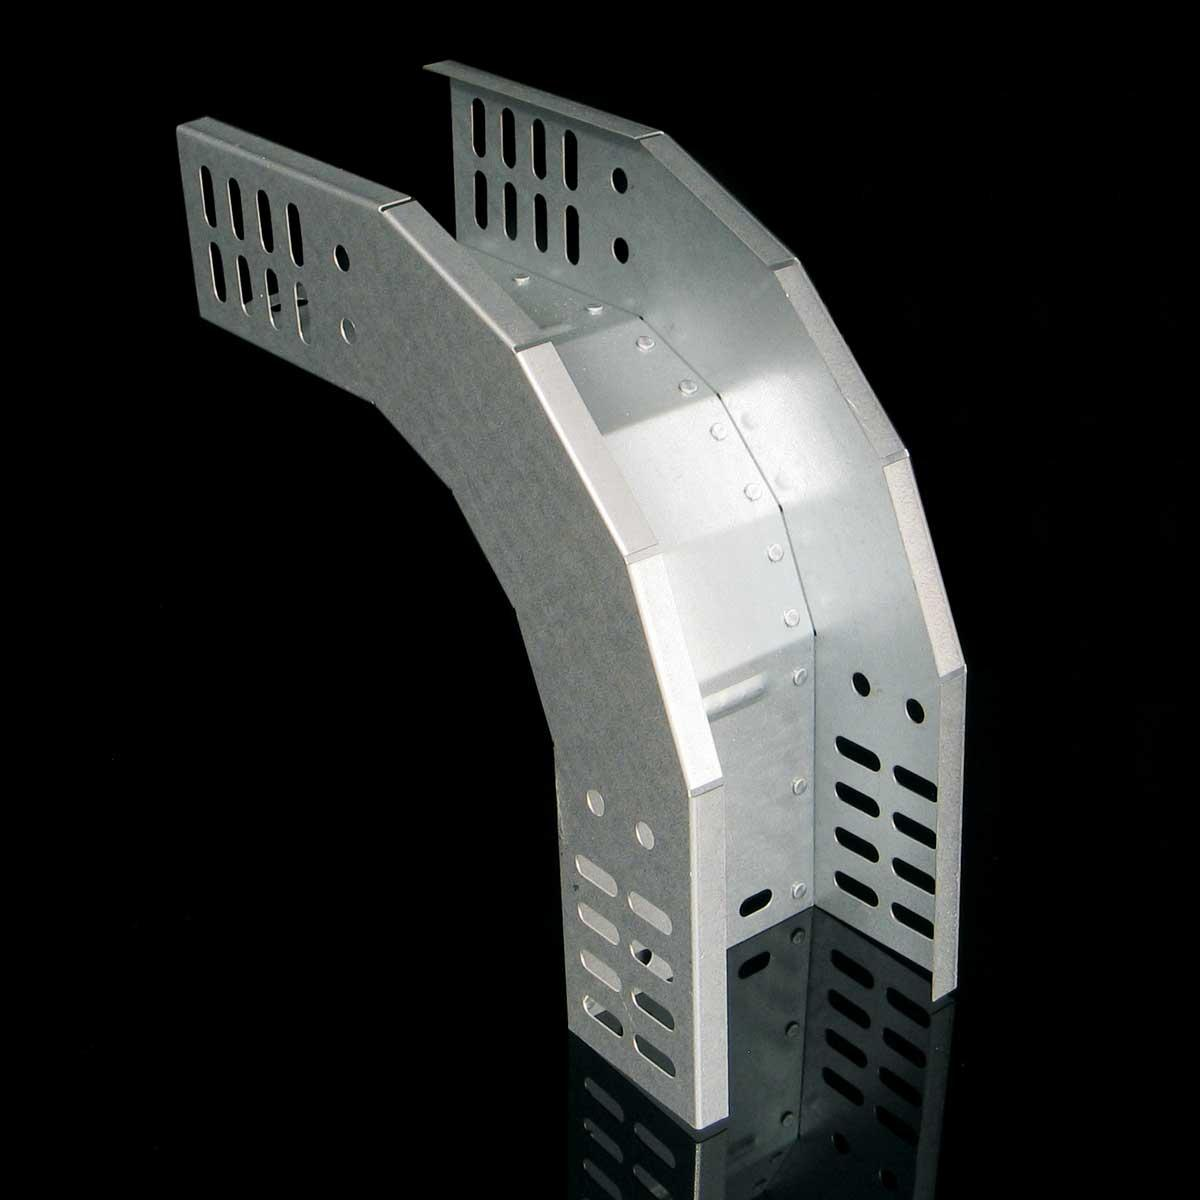 Поворот вертикальний зовнішній 90 для лотка JUPITER; розміри-35x100x220mm Товщ. метал-0,8 Вага-0,45кг/м